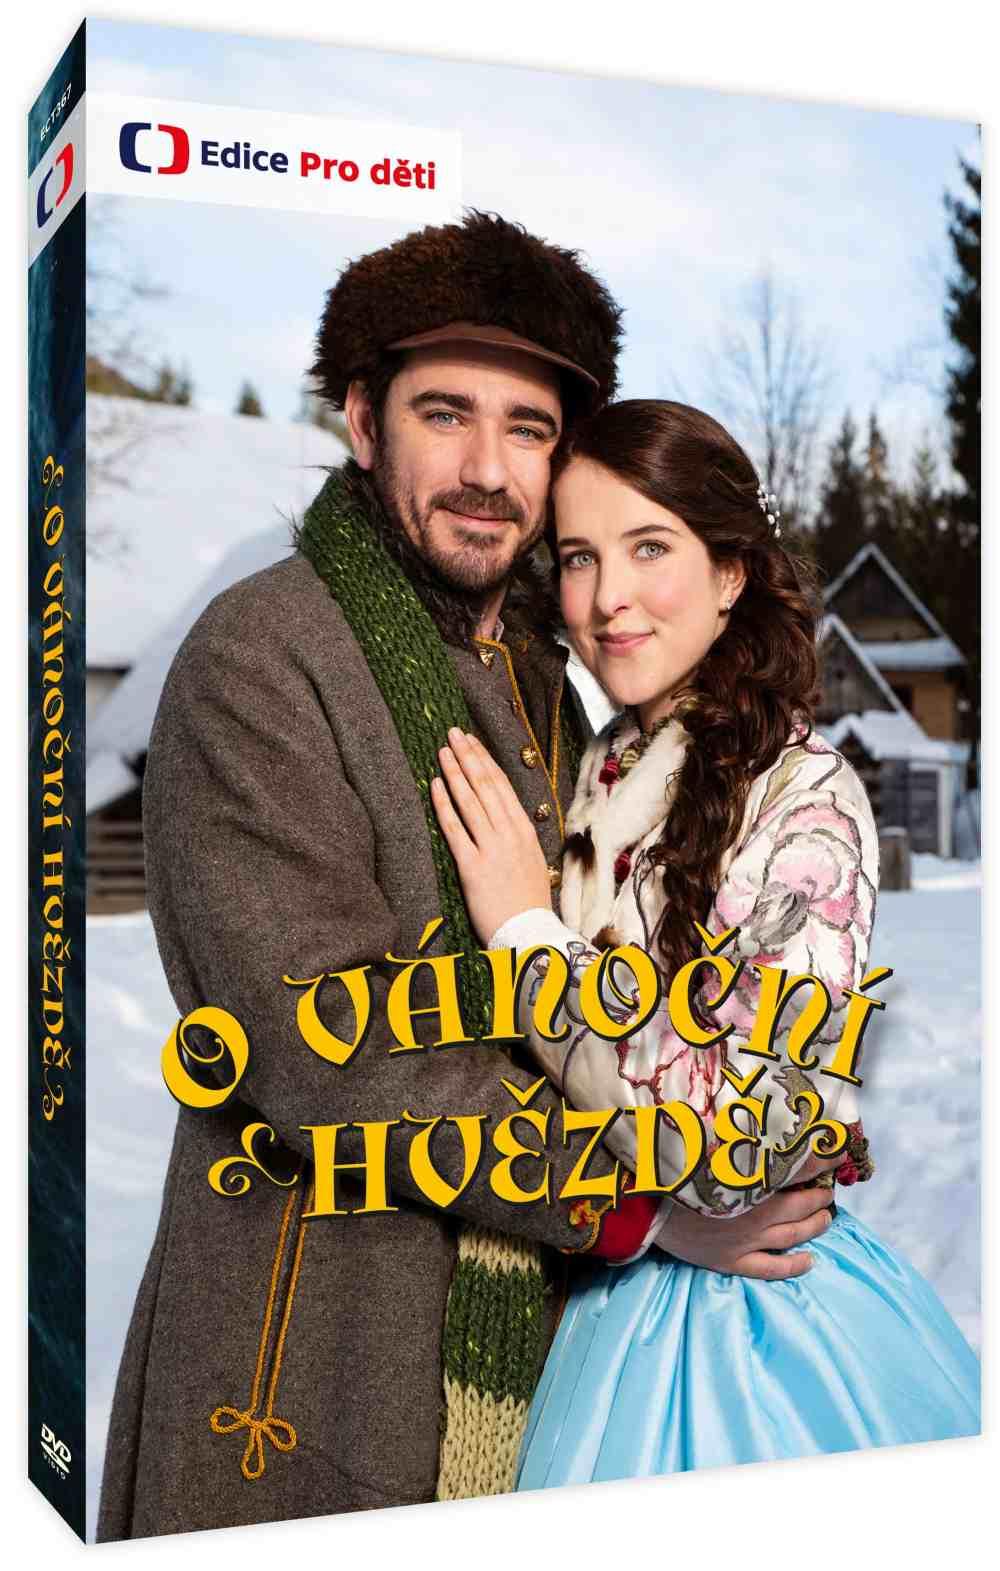 O vánoční hvězdě - DVD